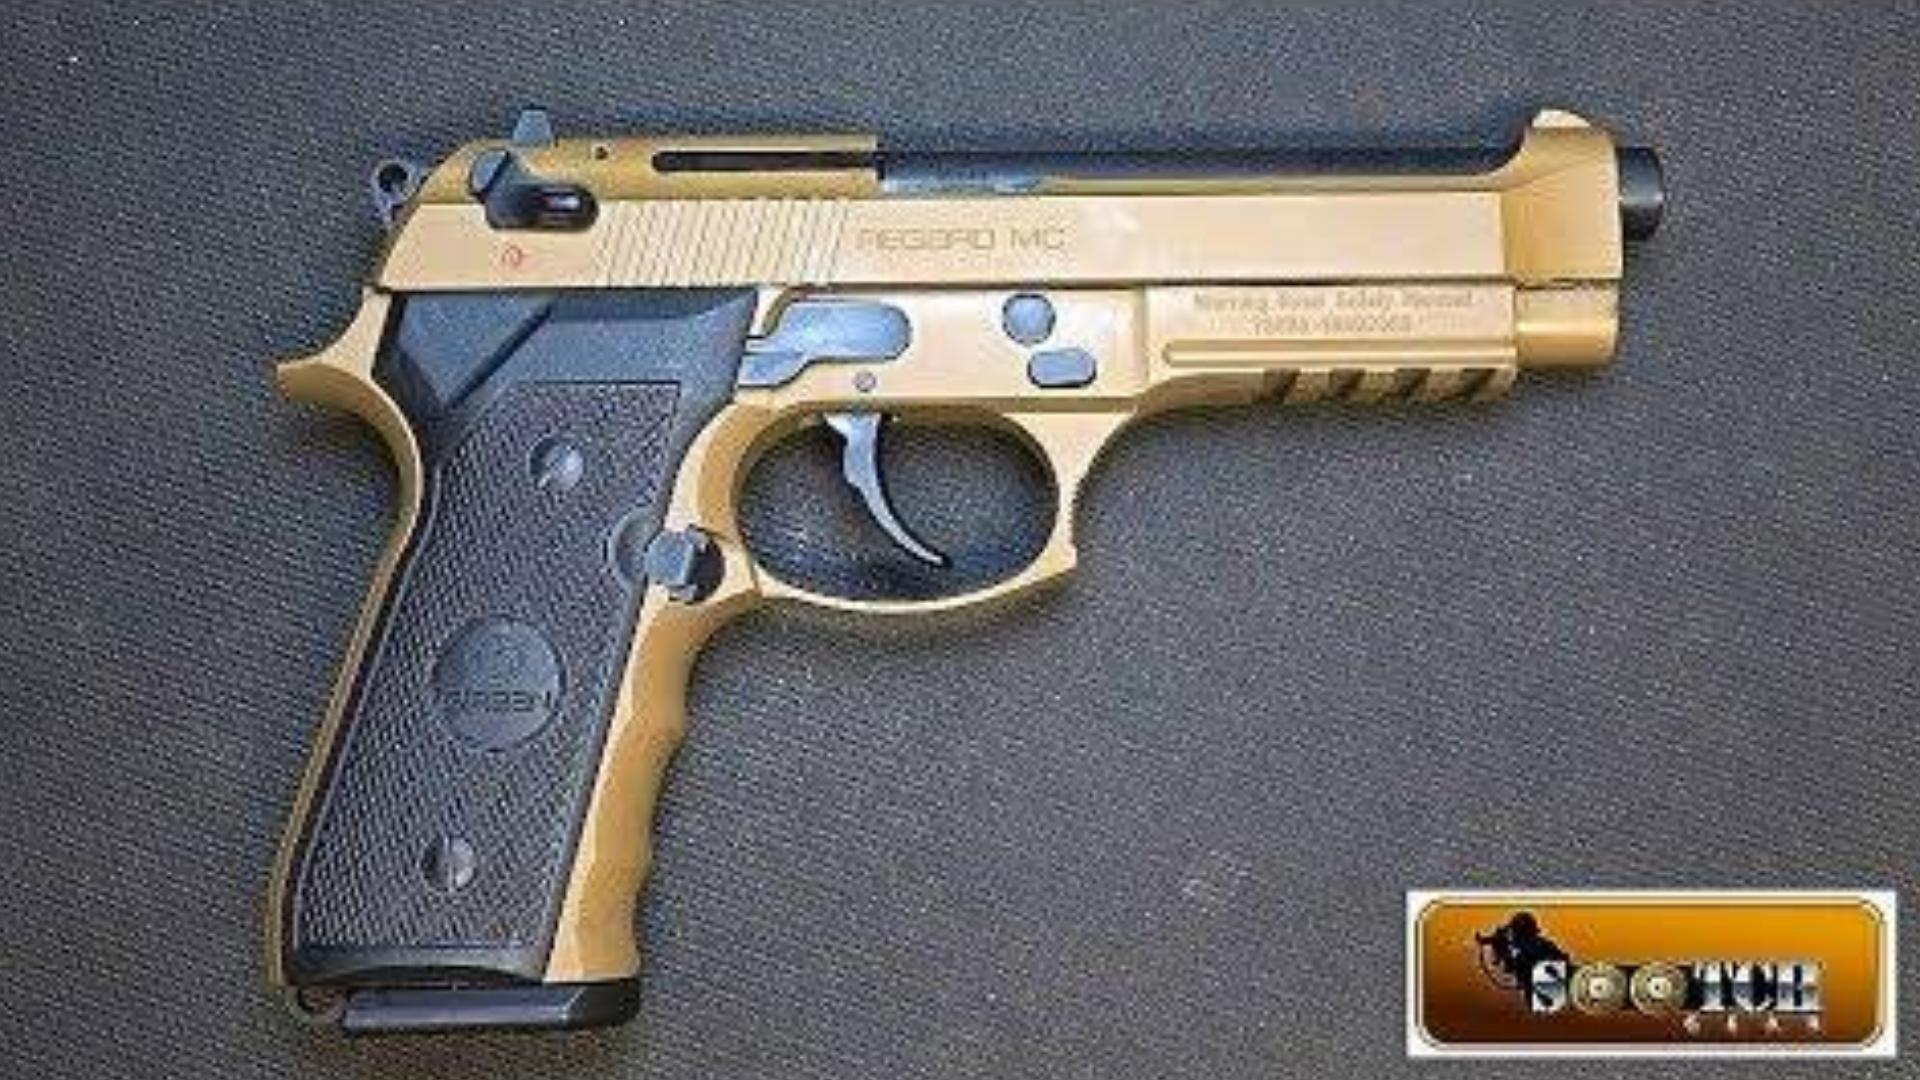 [sootch00]土耳其产伯莱塔M9手枪